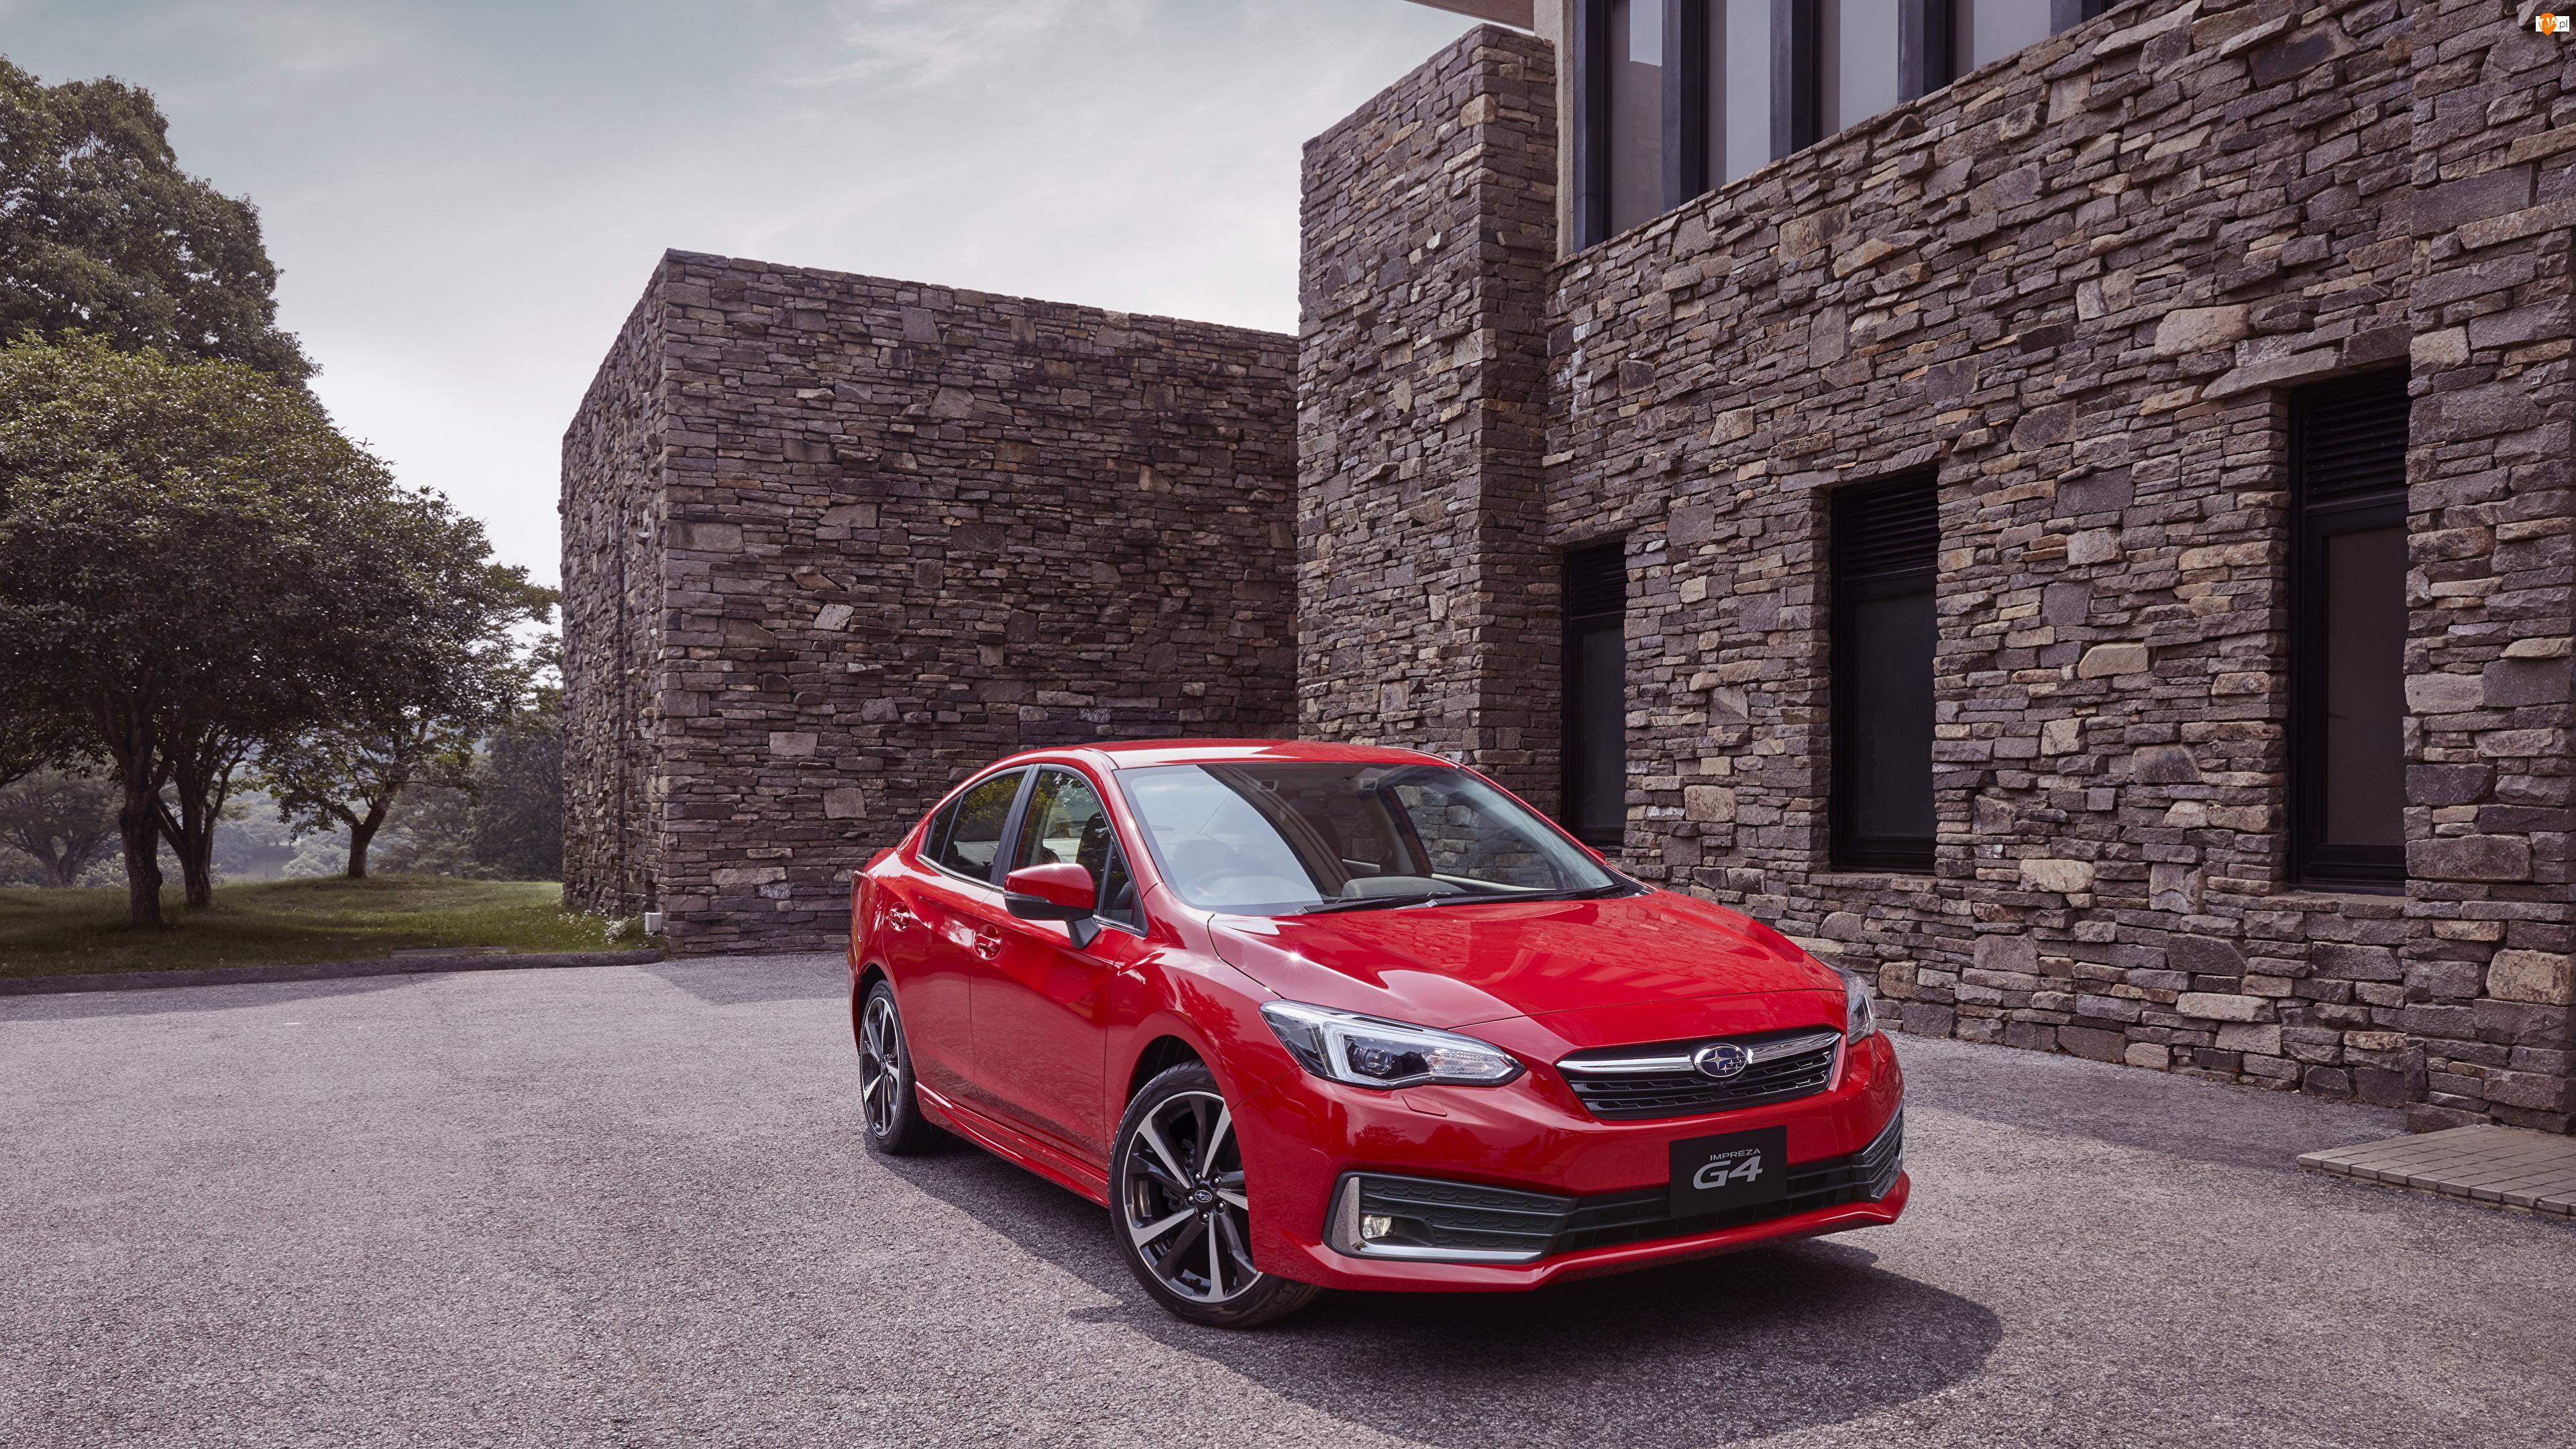 Subaru Impreza G4, Czerwone